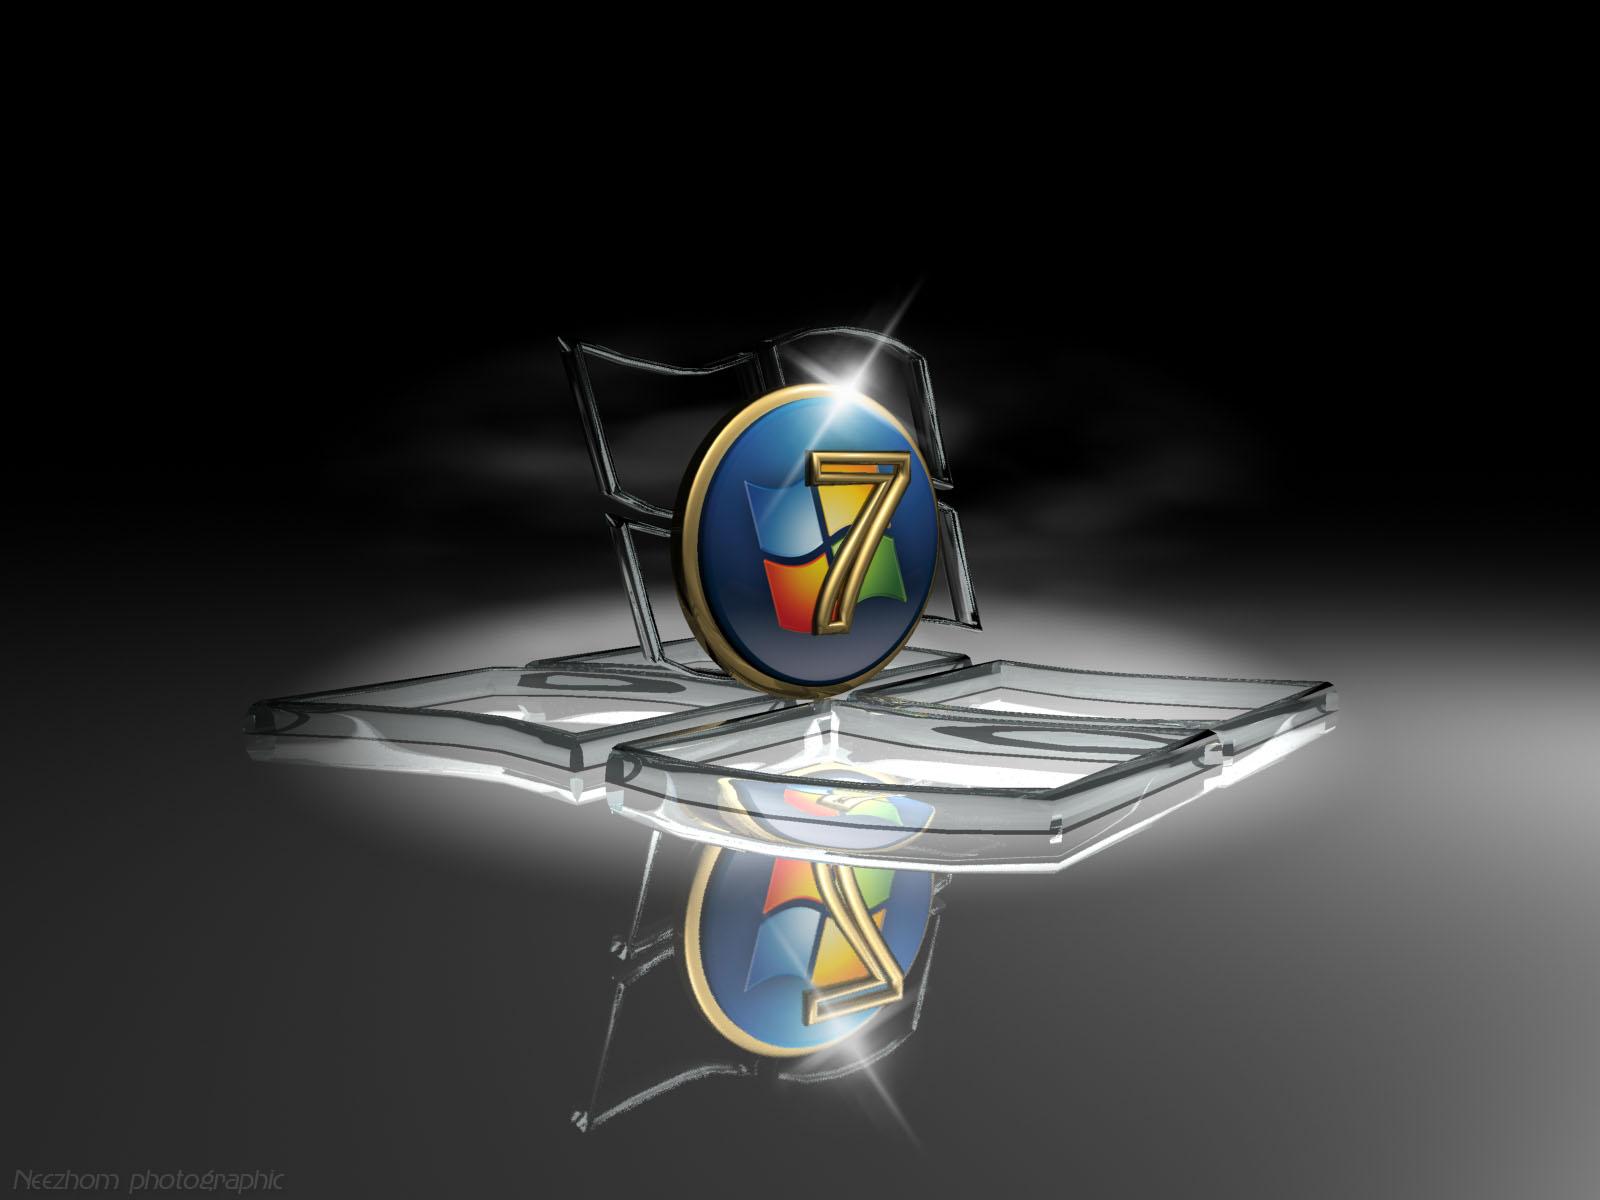 http://1.bp.blogspot.com/-nFMqE5VLpWY/TZcmGuiMncI/AAAAAAAAAMA/ufXG7Hub2kg/s1600/Windows%2B7%2Bwallpaper%2B5%2B-%2BGlass%2Band%2Bgold%2BSeven.jpg